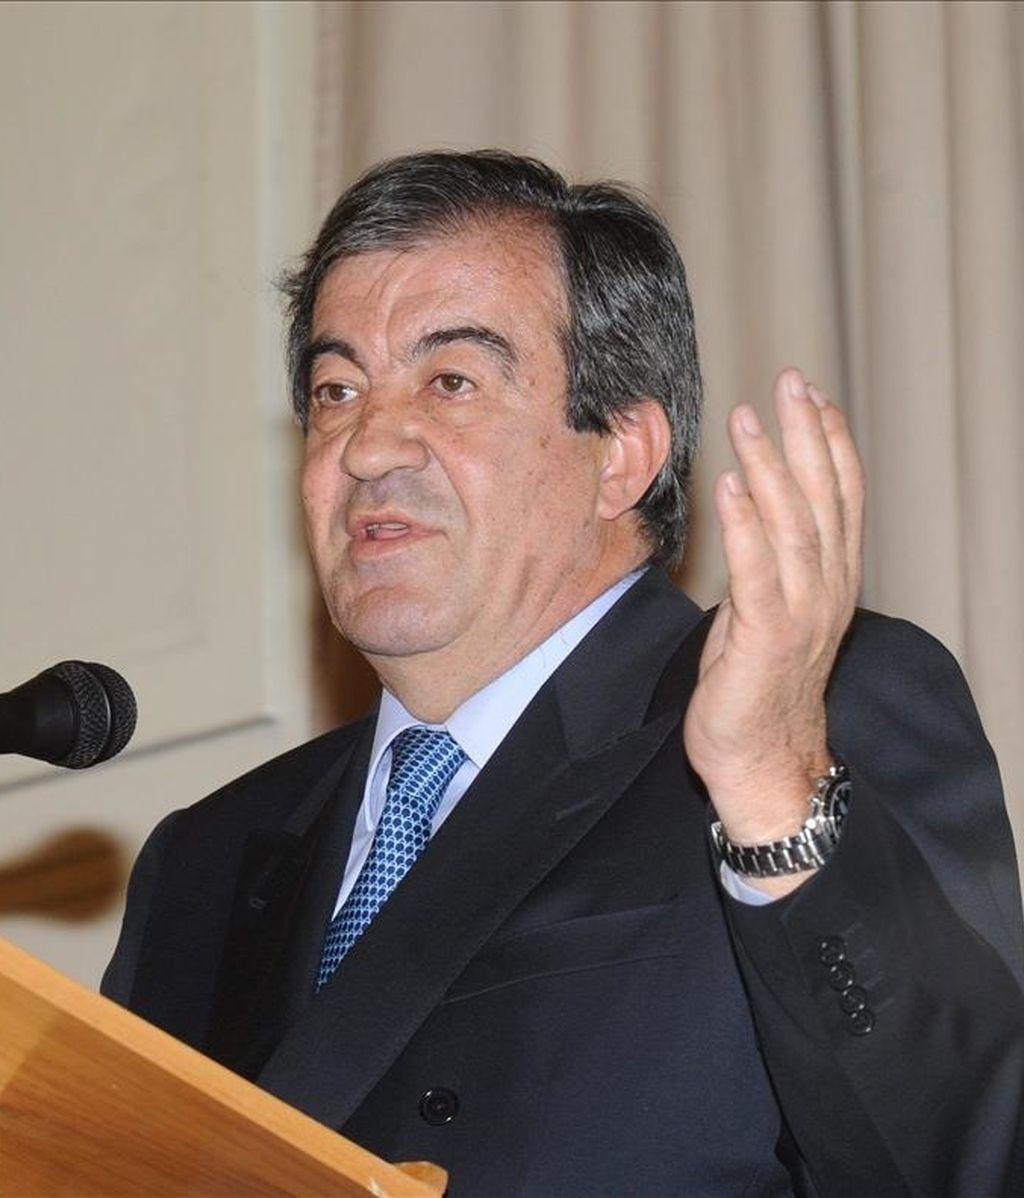 El candidato del Foro Asturias a la Presidencia autonómica en las elecciones del 22 de mayo, Francisco Álvarez-Cascos, durante su intervención ante la comunidad asturiana en Ciudad de México. EFE